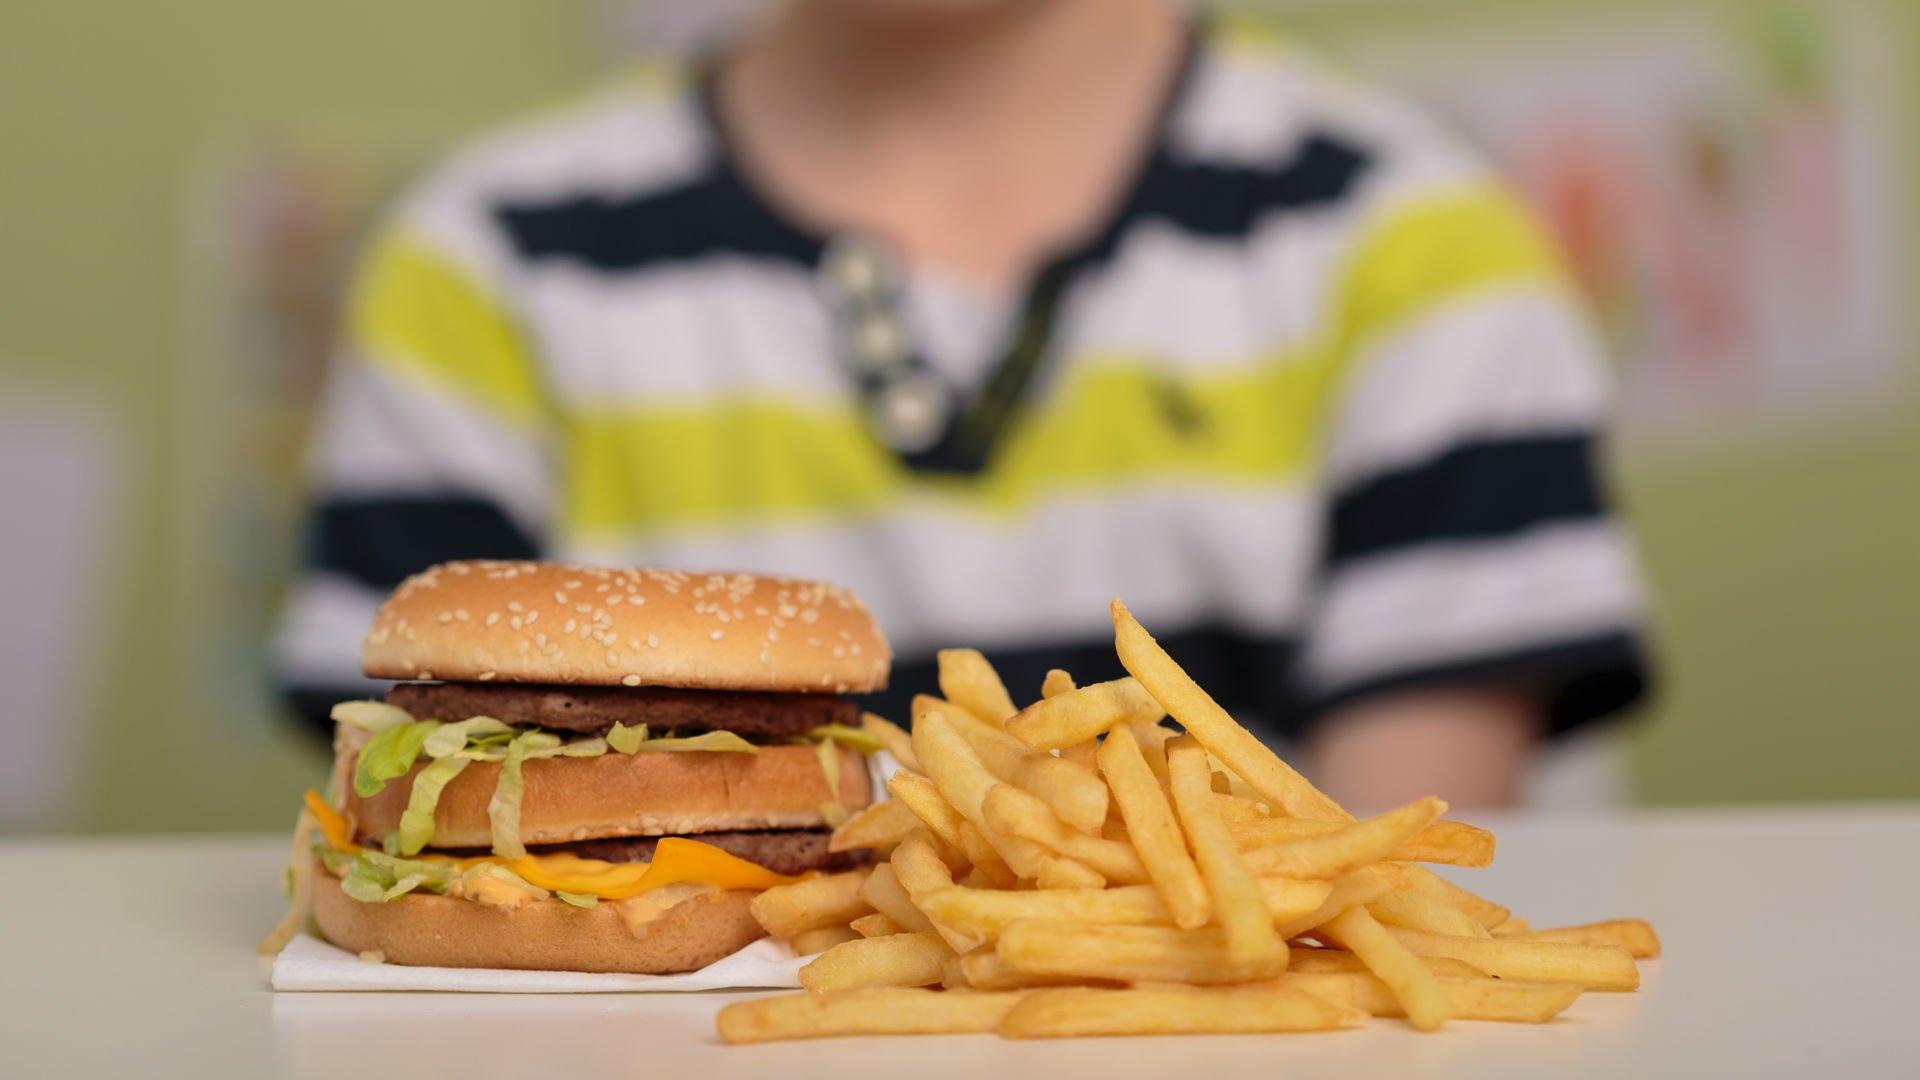 Çocuklar için en zararlı yiyecekler